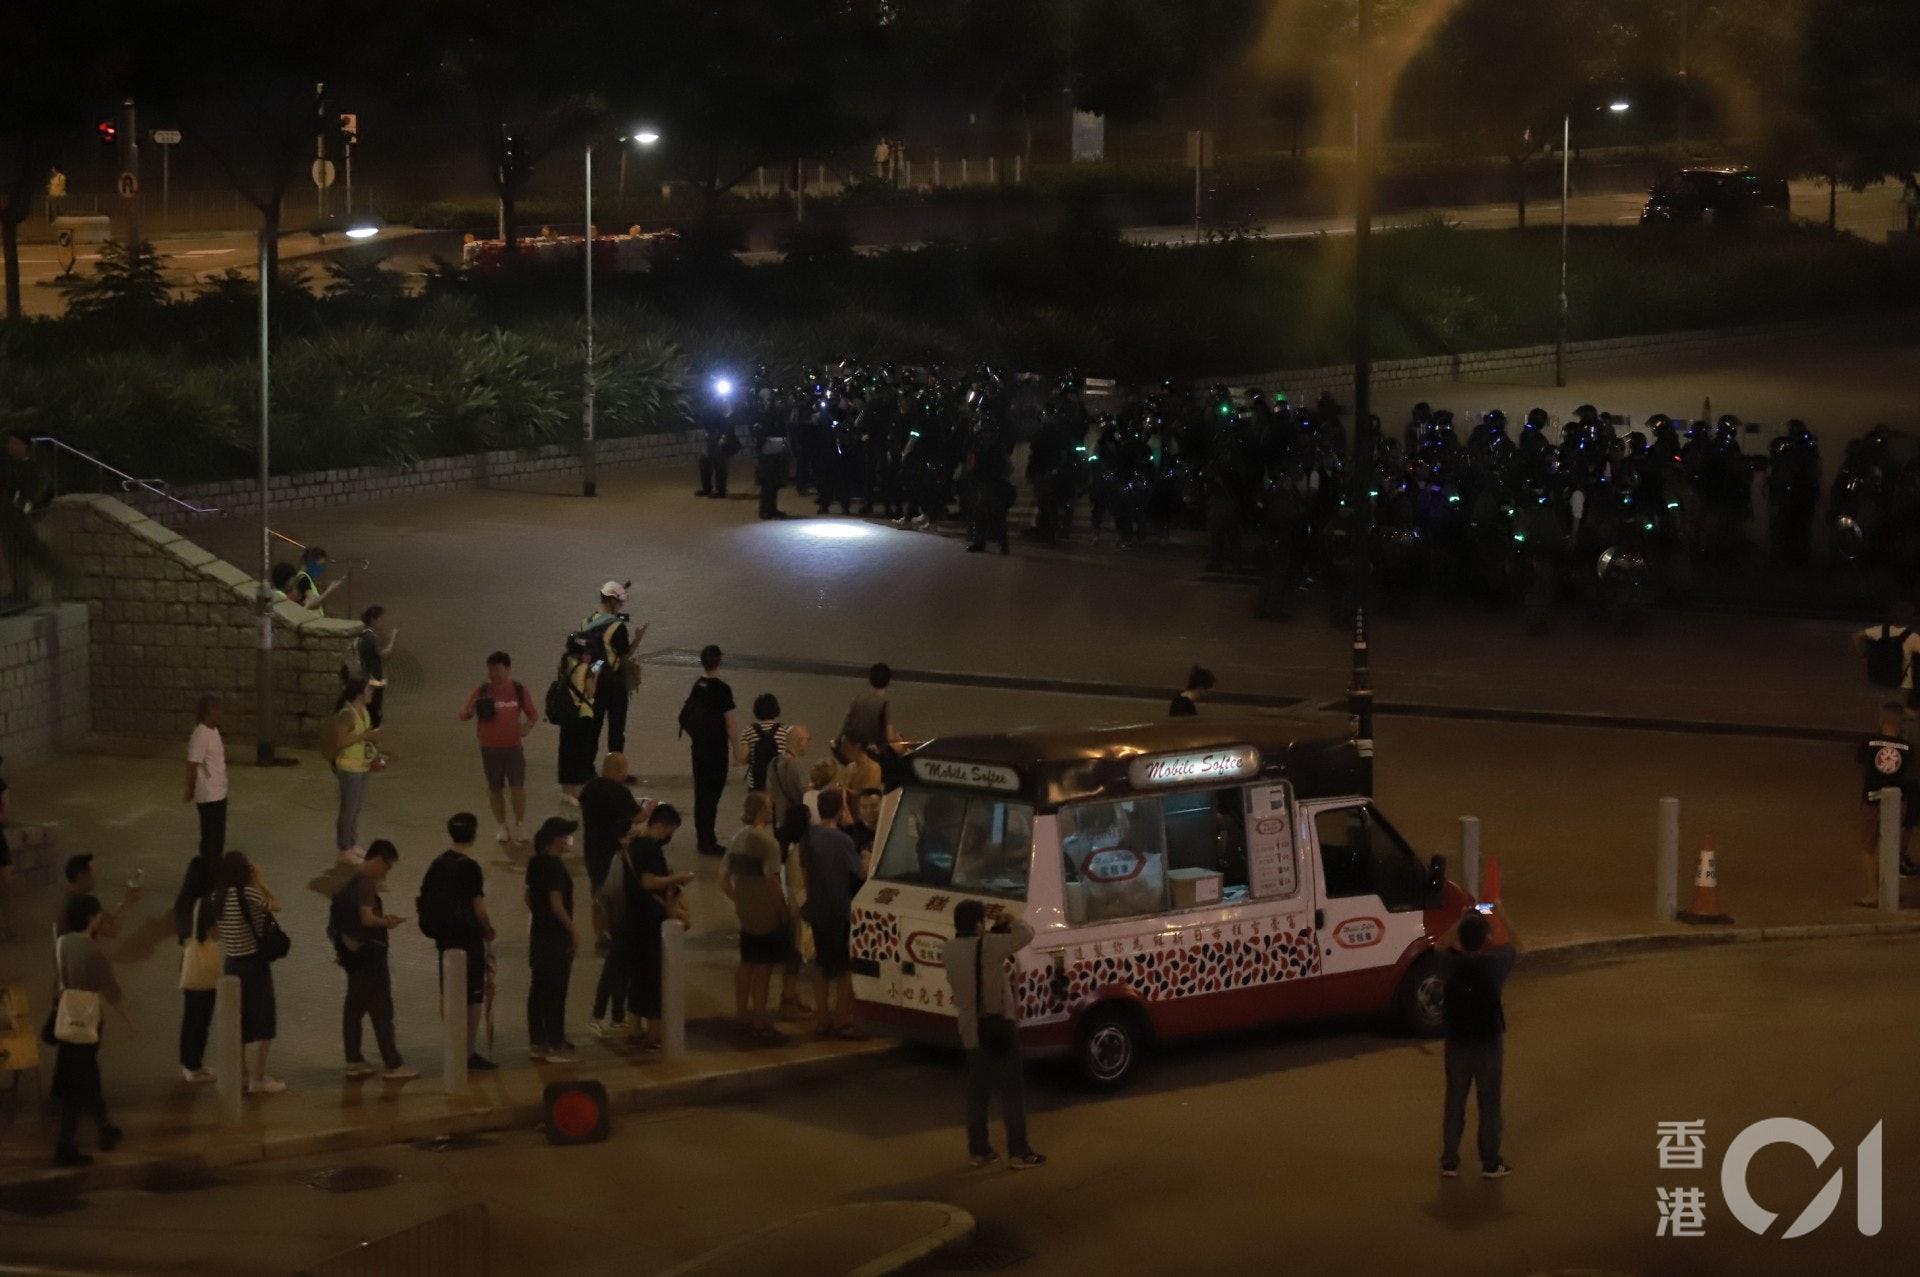 2019年9月28日,防暴警察在中環大會堂戒備,惟防線前有雪糕車繼續做生意。(羅國輝攝)